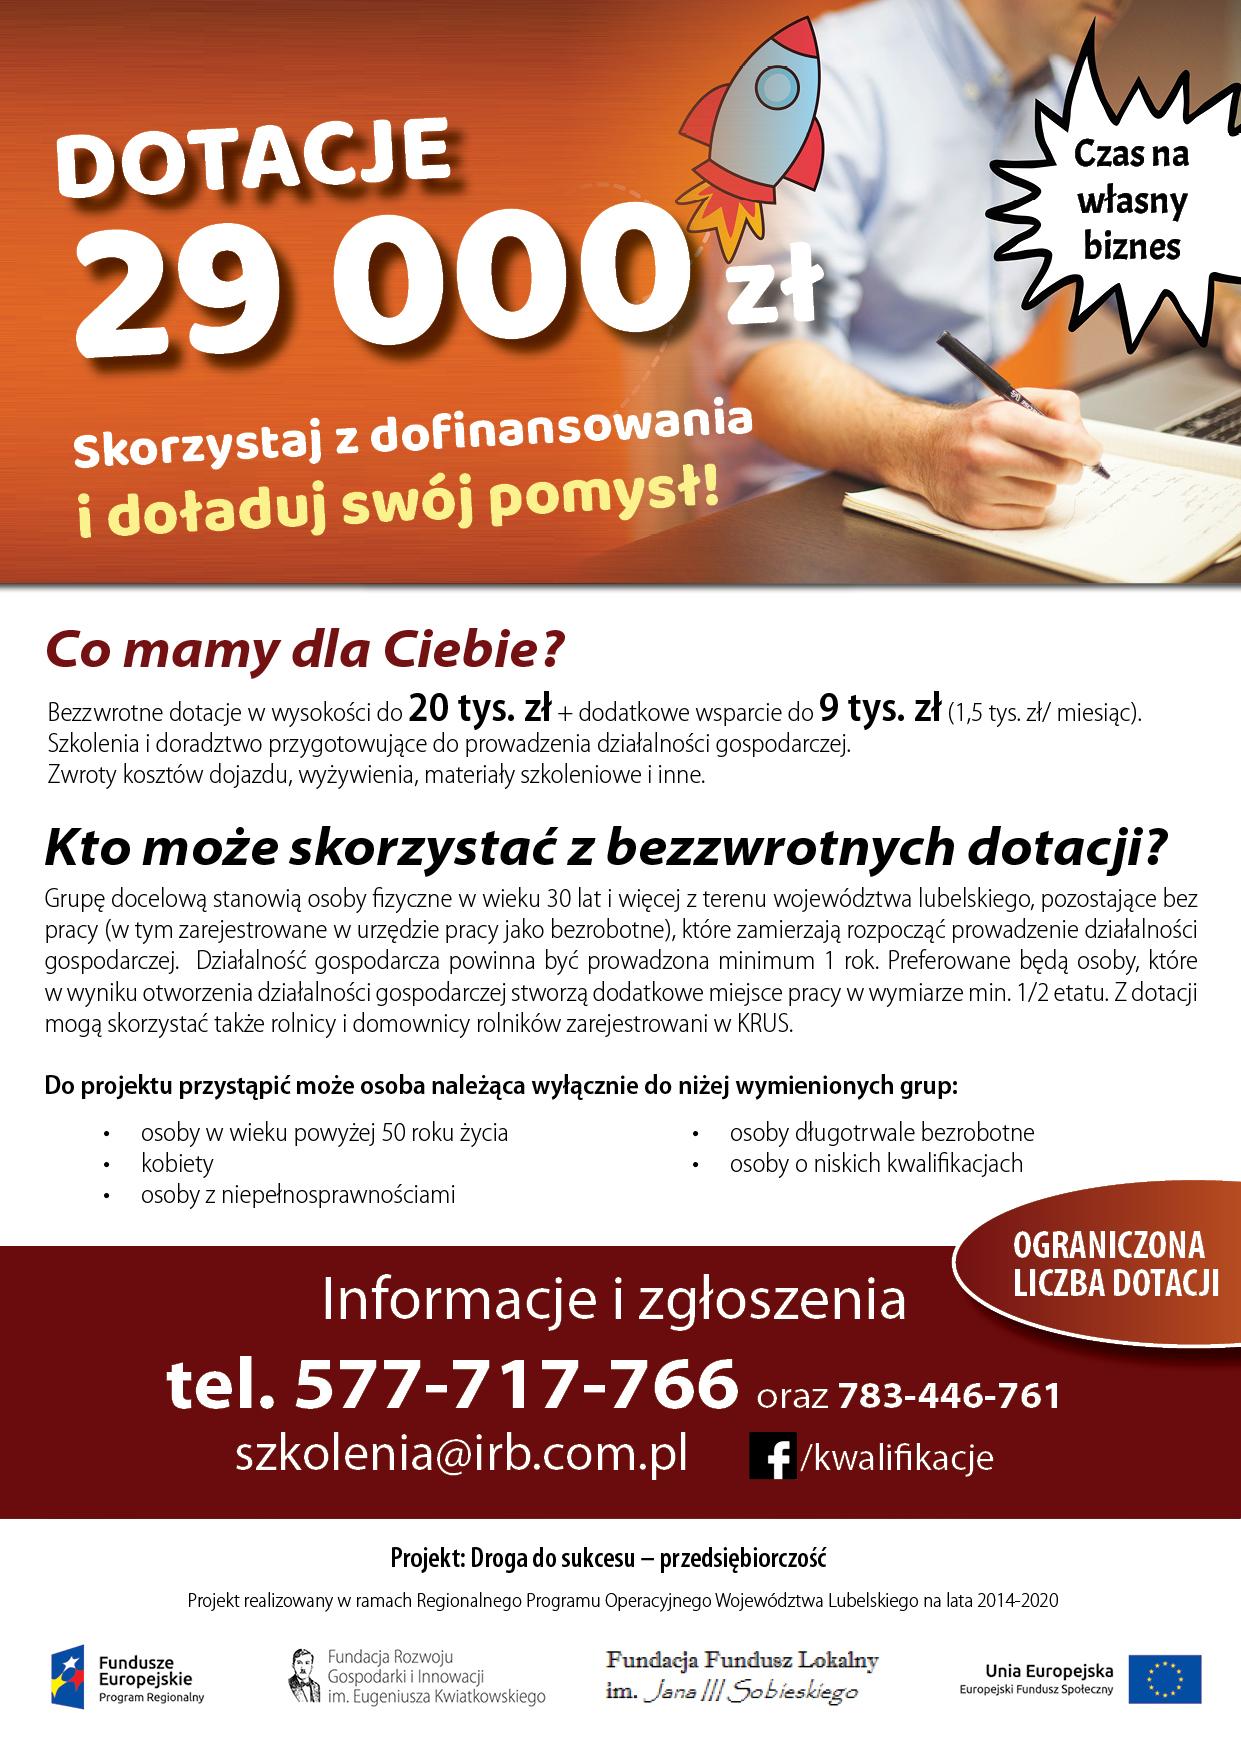 Dotacje w wysokości do 29 tys. zł na założenie firmy